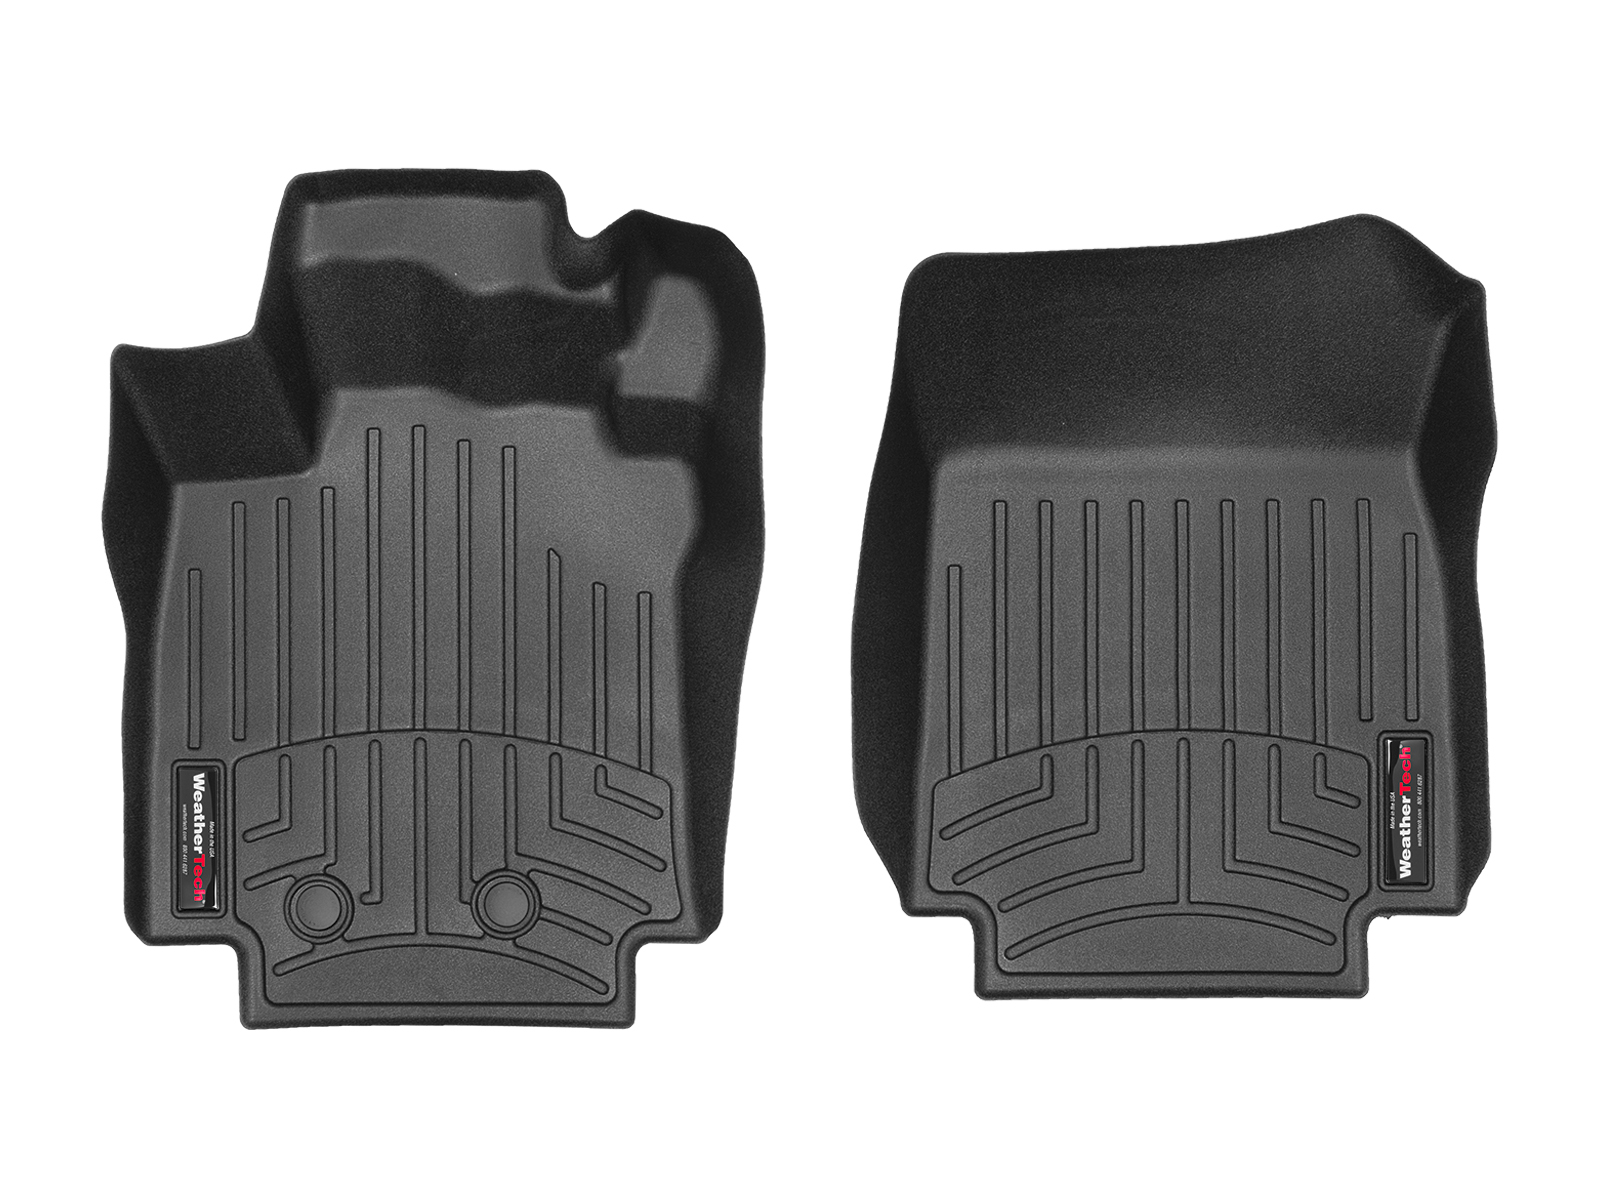 Tappeti gomma su misura bordo alto Renault Clio 06>14 Nero A3232